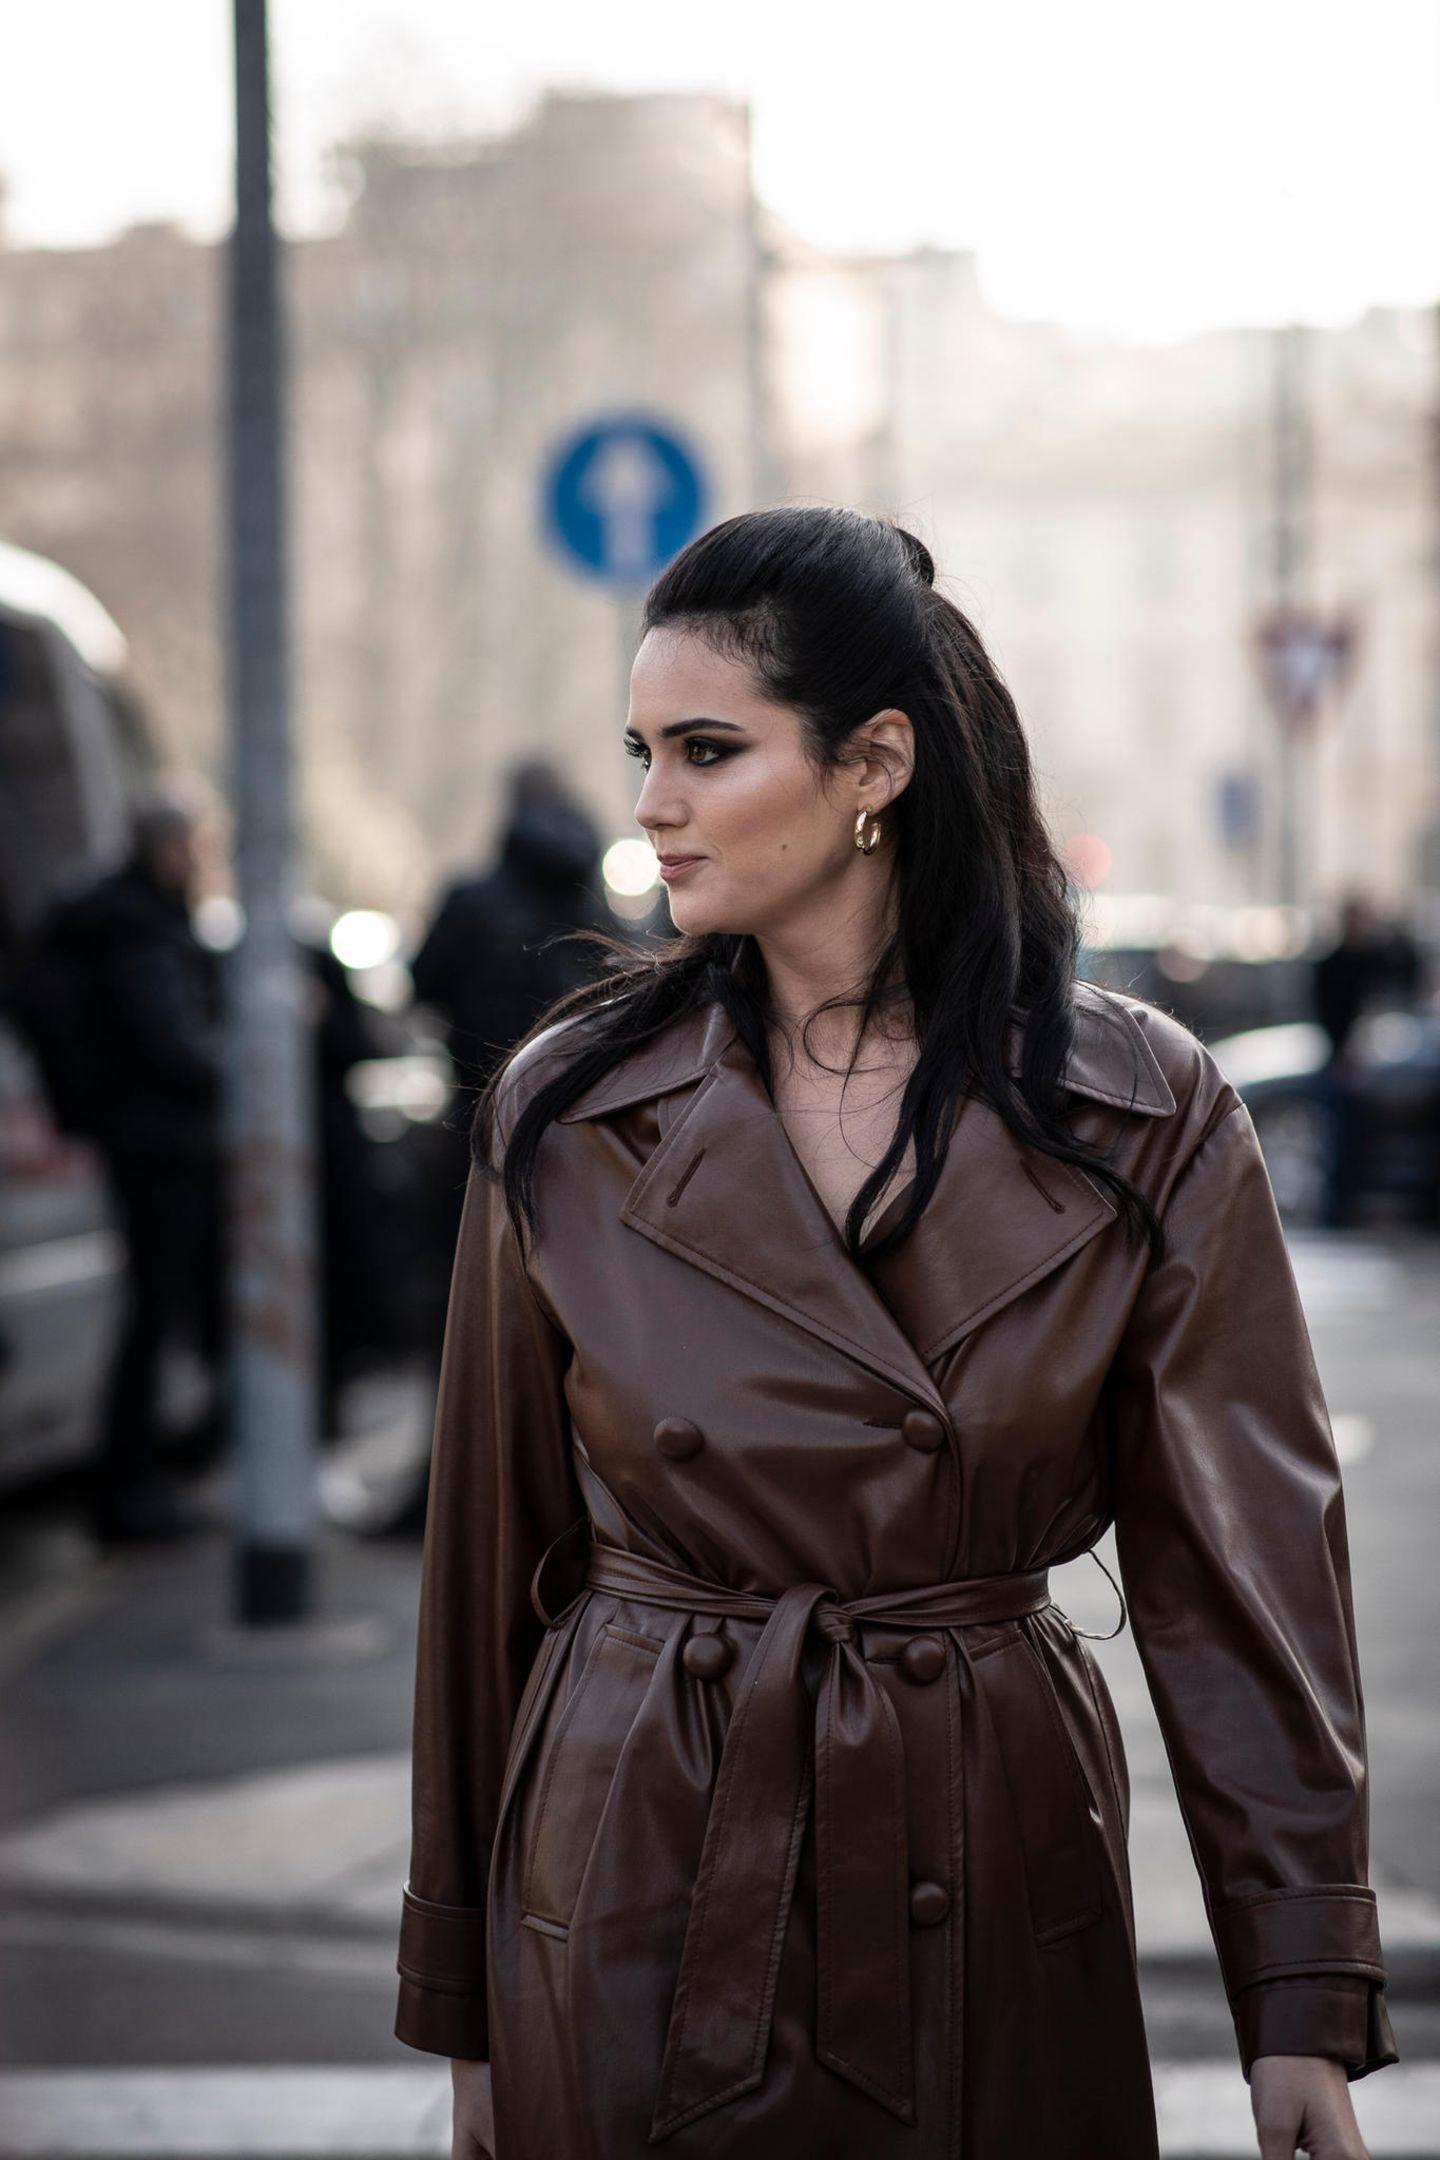 Herbst-Frisuren: Frau in einem Ledermantel